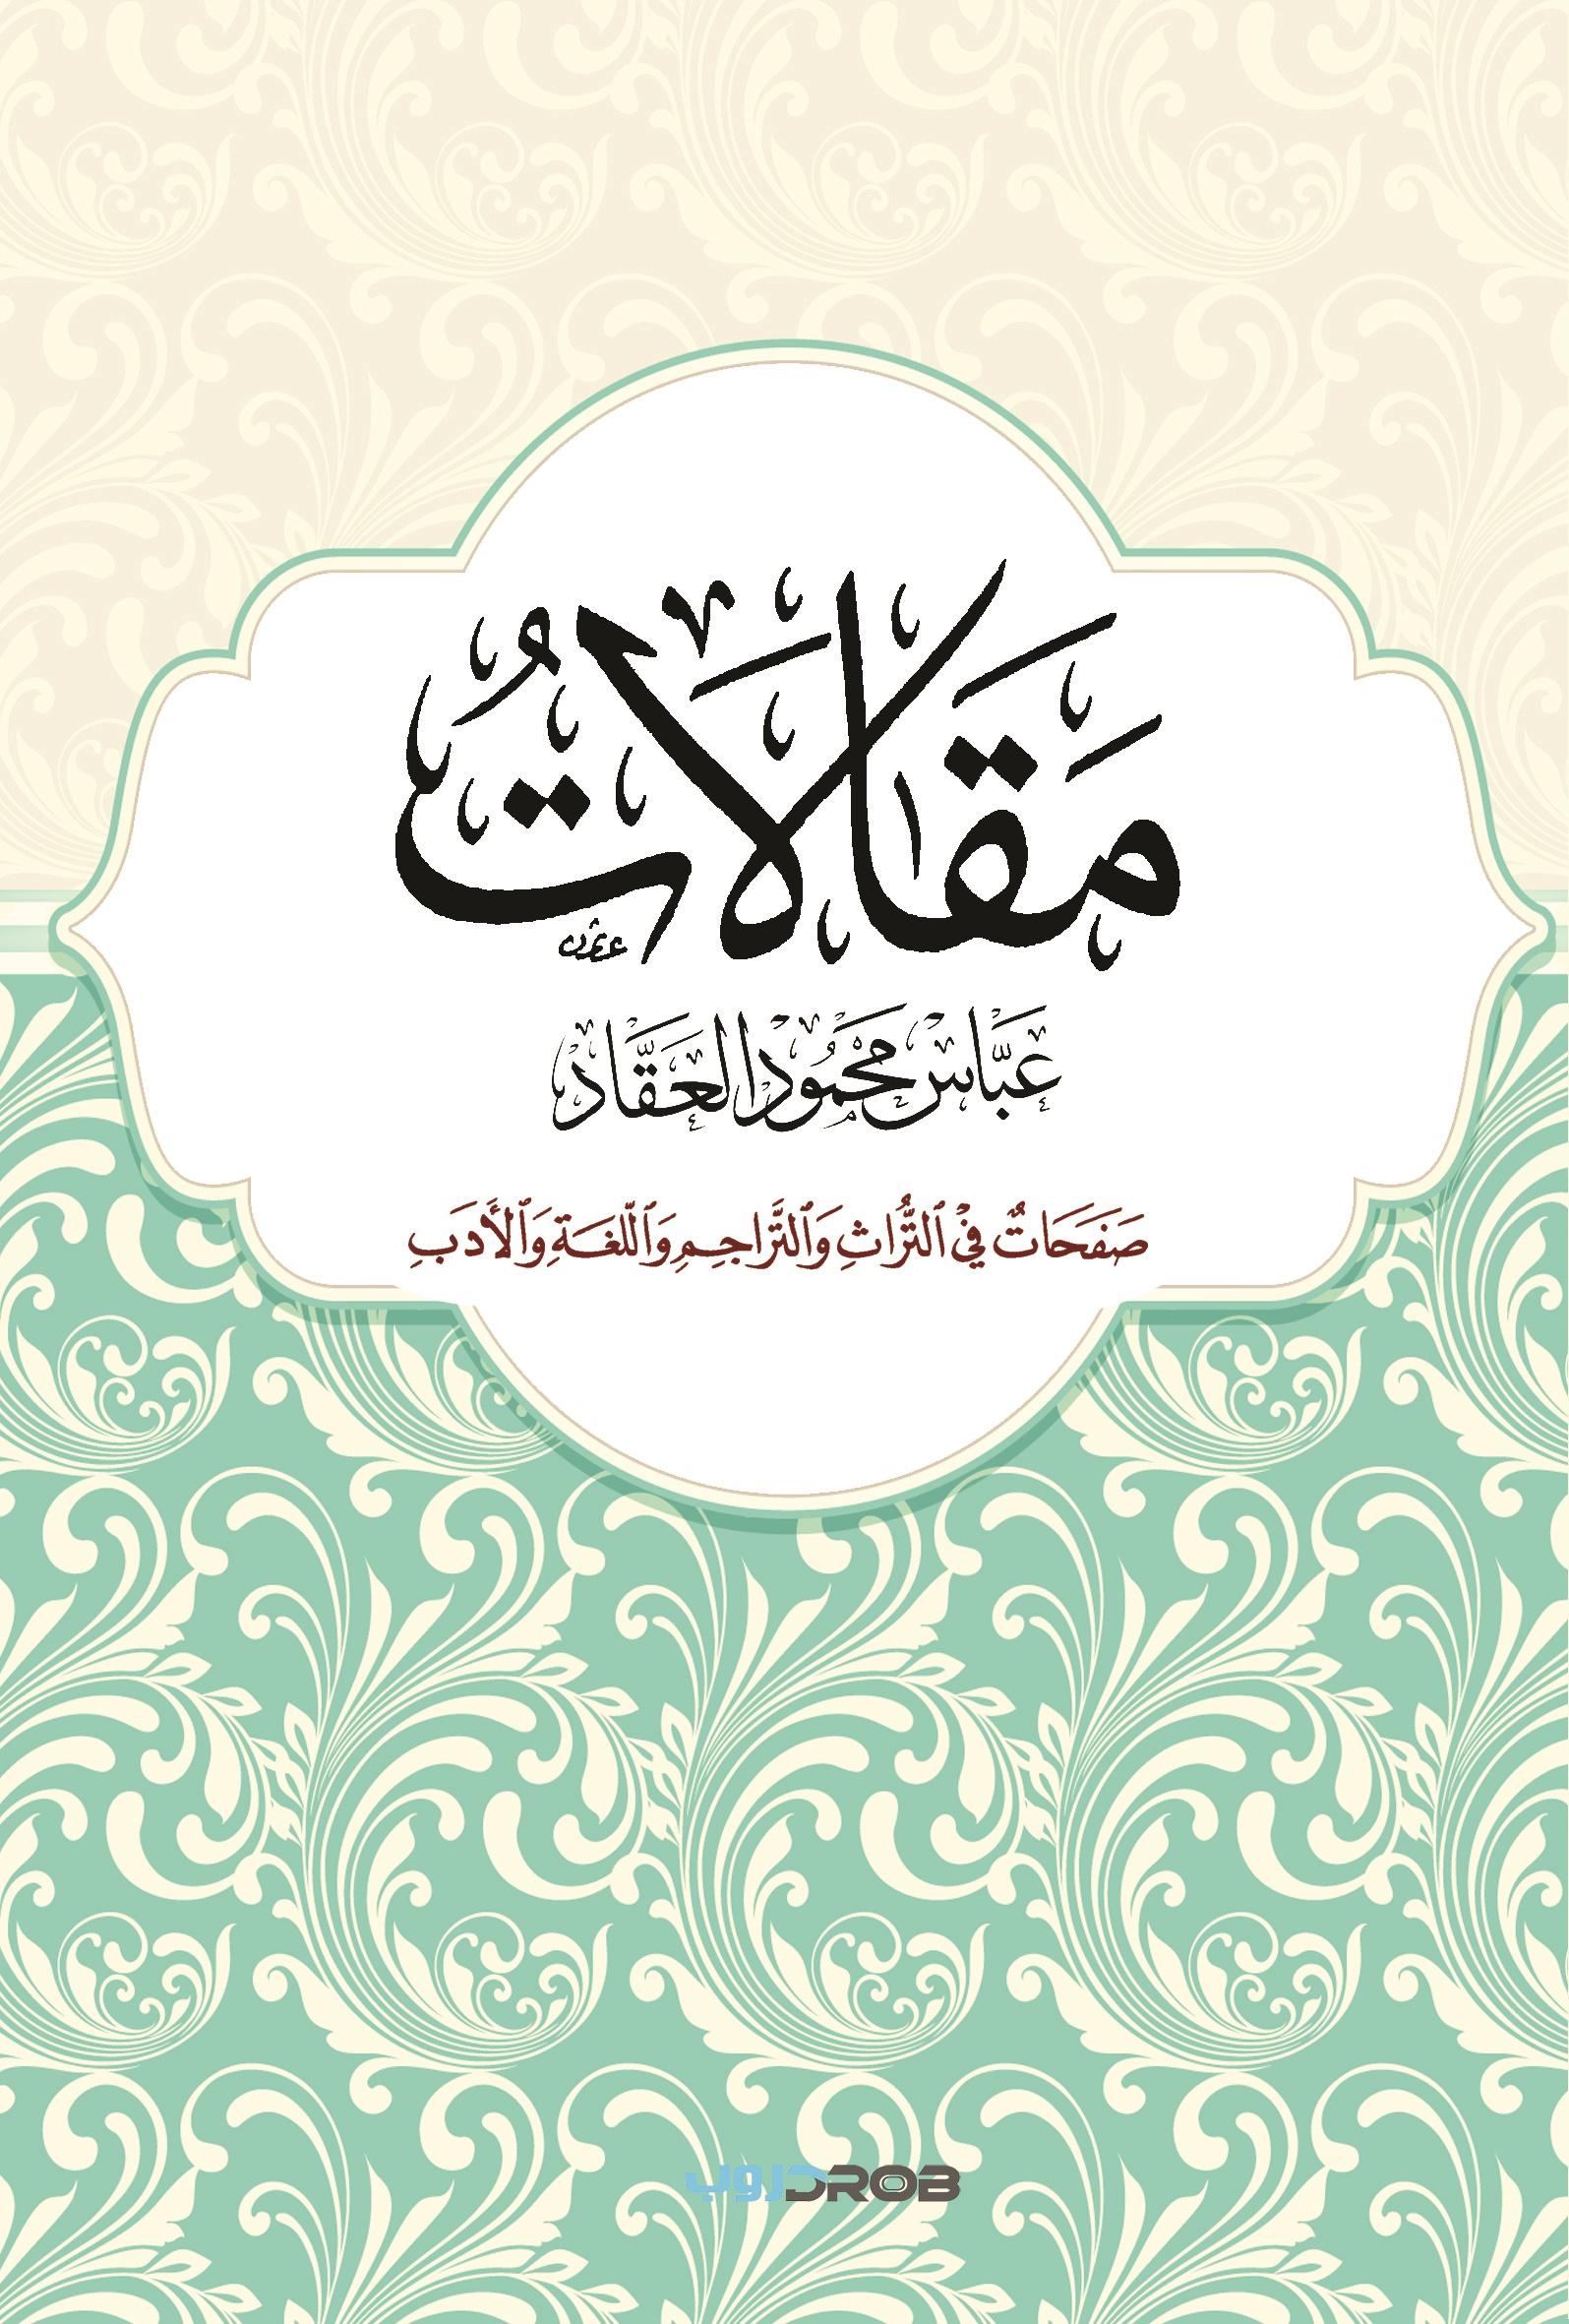 مقالات عباس محمود العقاد ؛ صفحات من التراث والتراجم واللغة والأدب